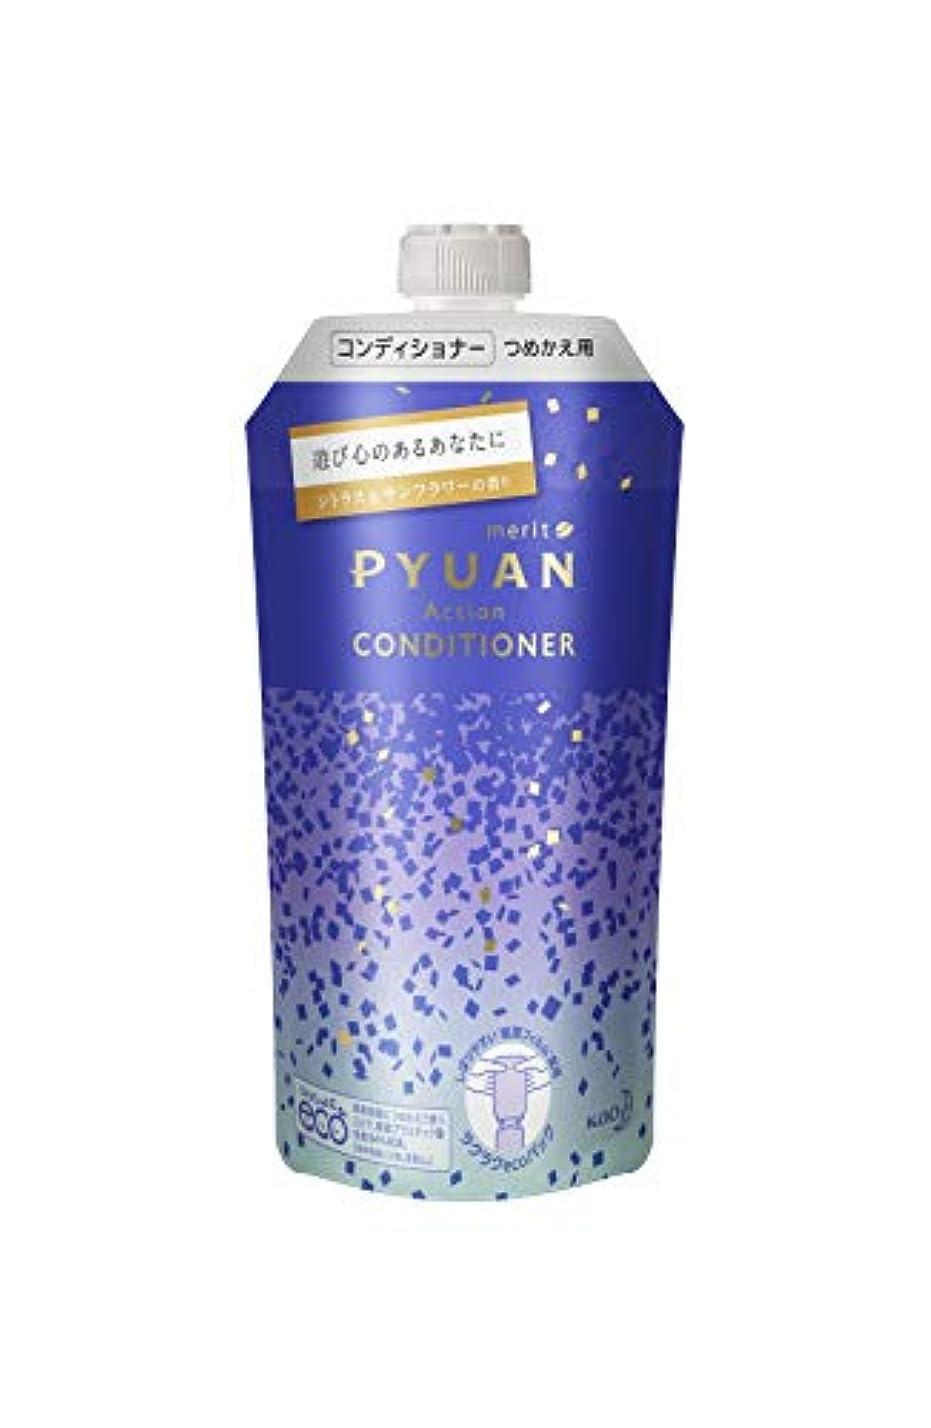 カポックくすぐったい気怠いPYUAN(ピュアン) メリットピュアン アクション (Action) シトラス&サンフラワーの香り コンディショナー つめかえ用 340ml Dream Ami コラボ